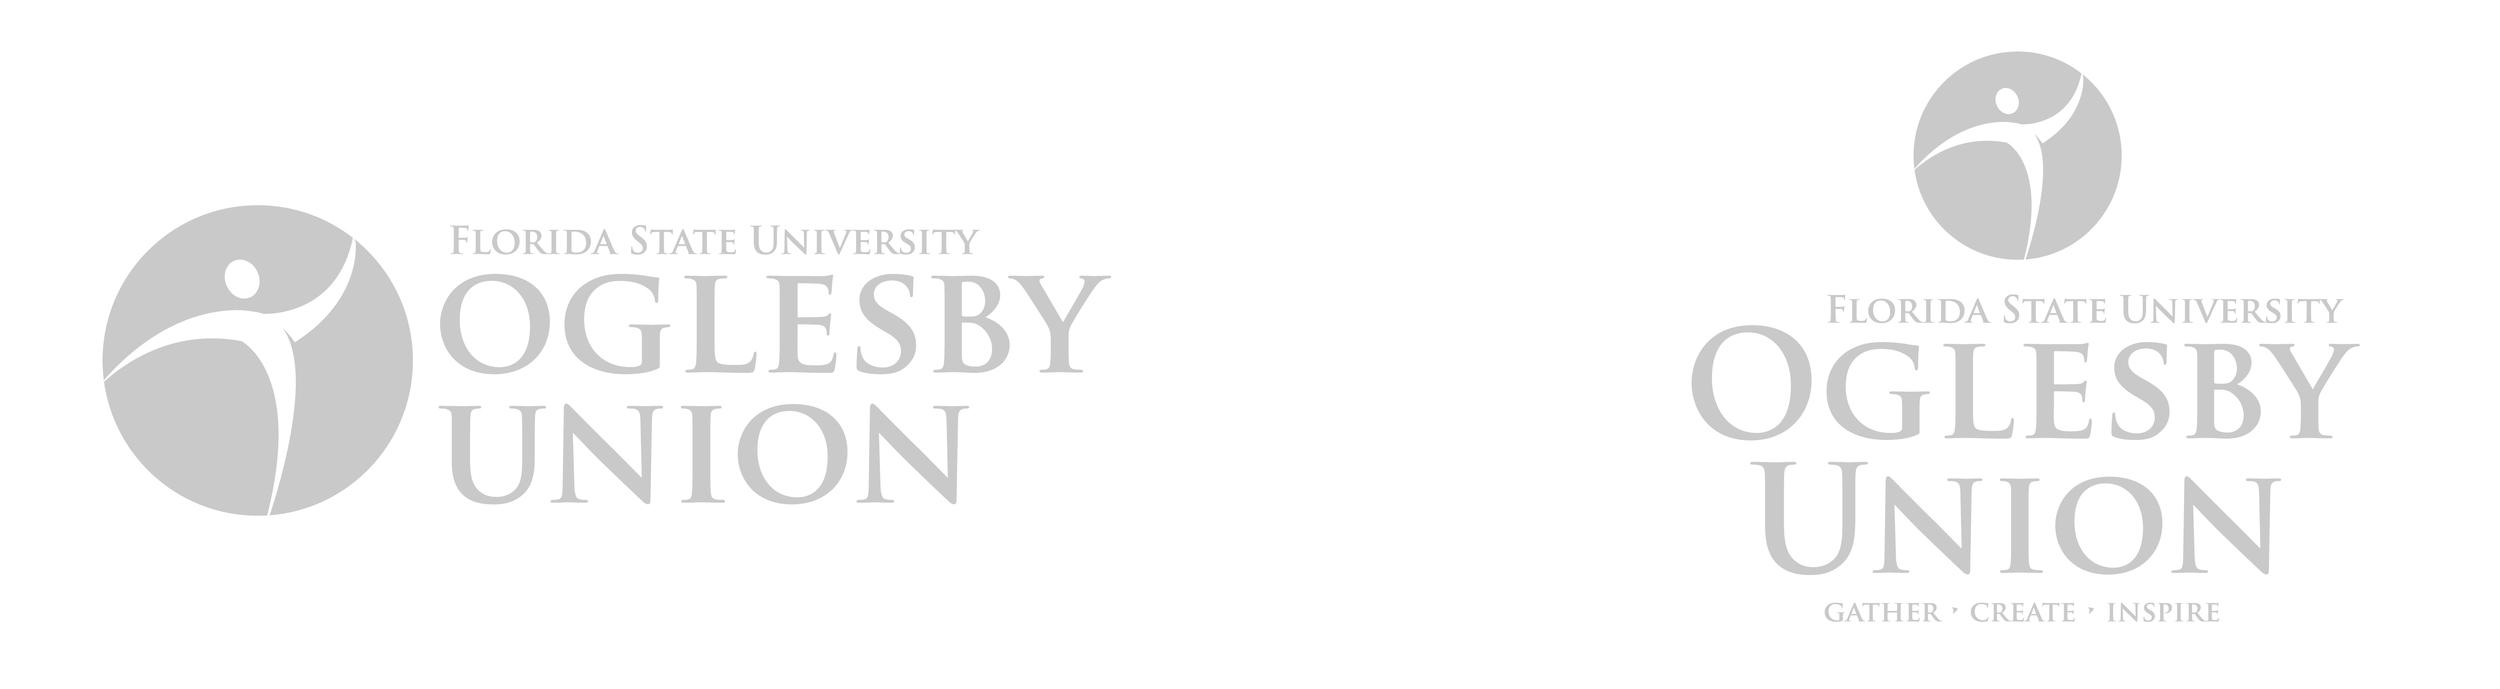 FSU OglesbyUnion -Alternate Logomarks